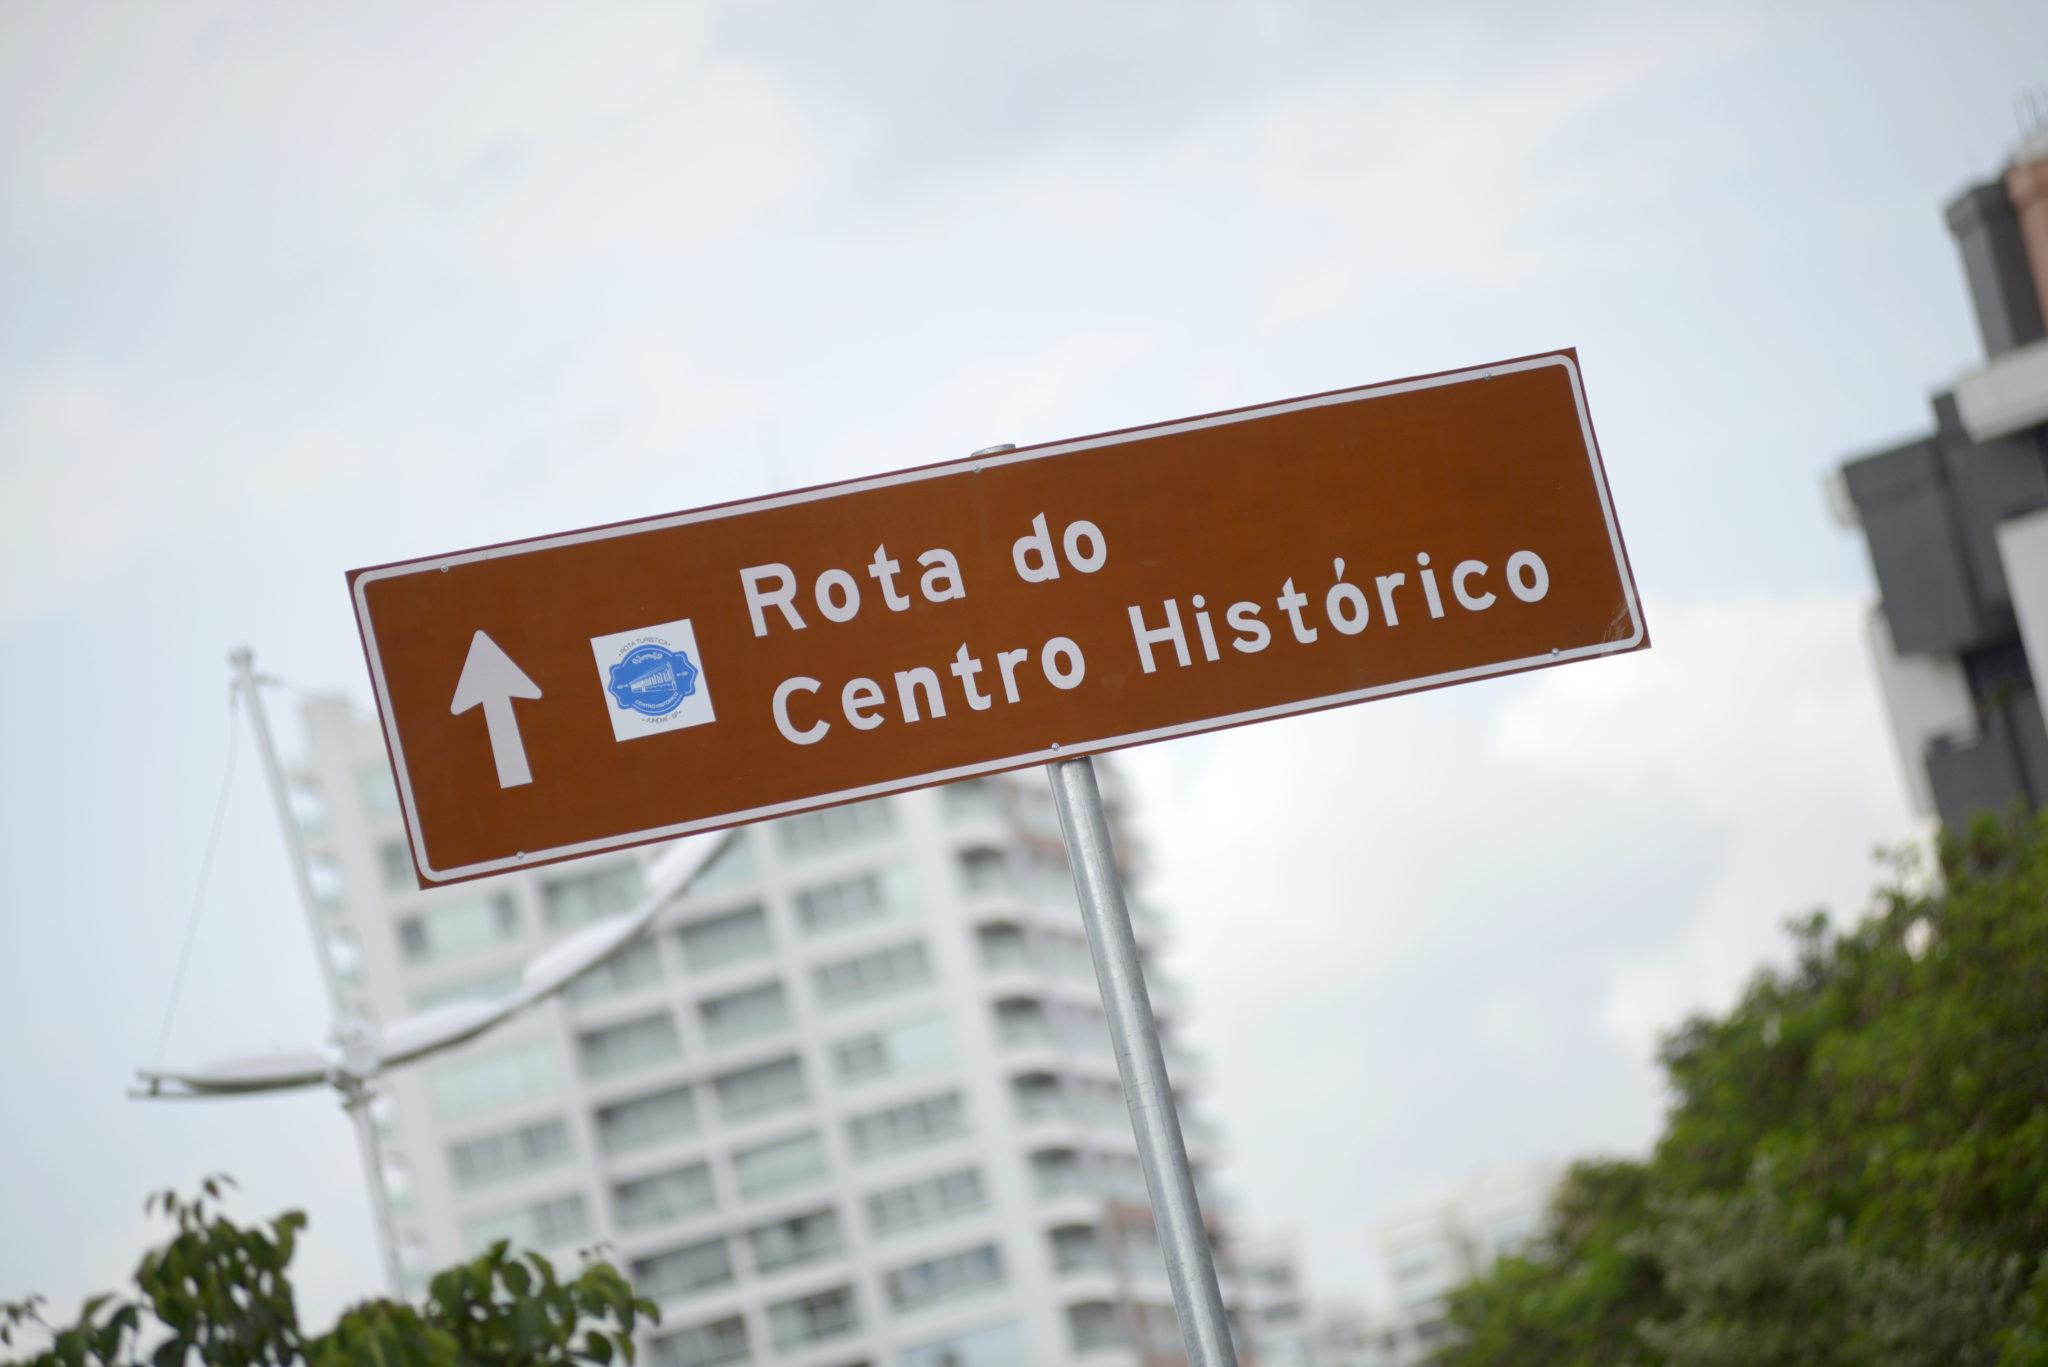 Placa de trânsito com a indicação da Rota do Centro Histórico